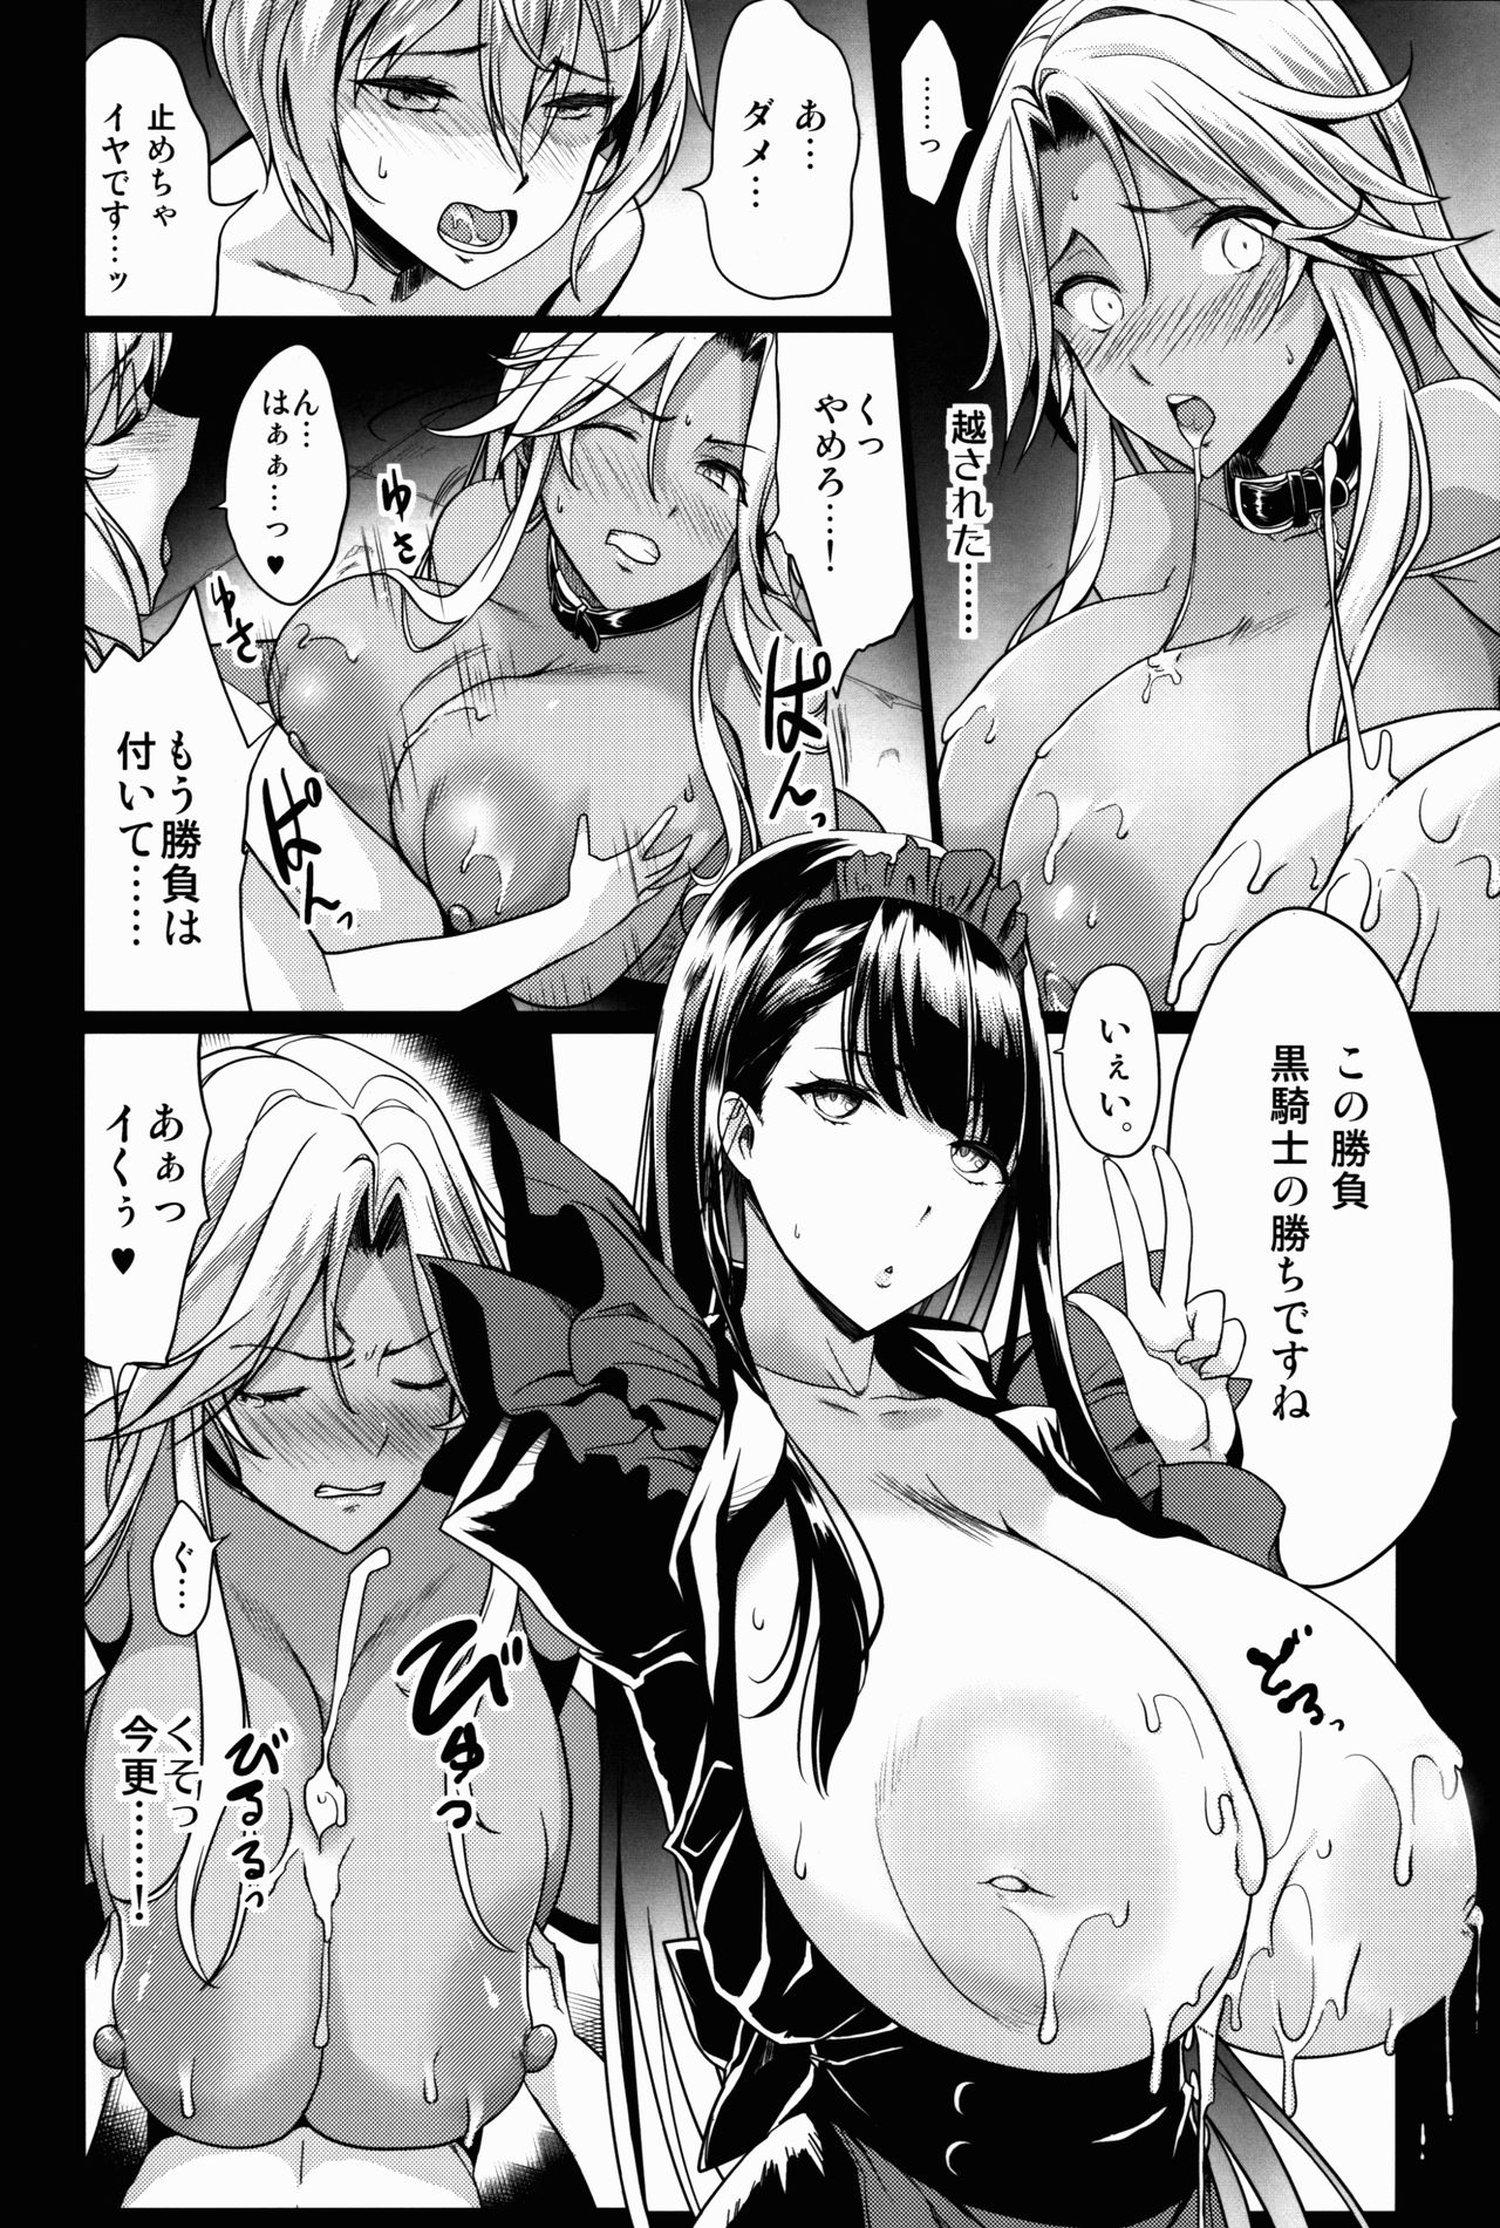 ショタに凌辱される女騎士www爆乳を弄られて母乳を出しまくる!!【エロ漫画・エロ同人】 (13)